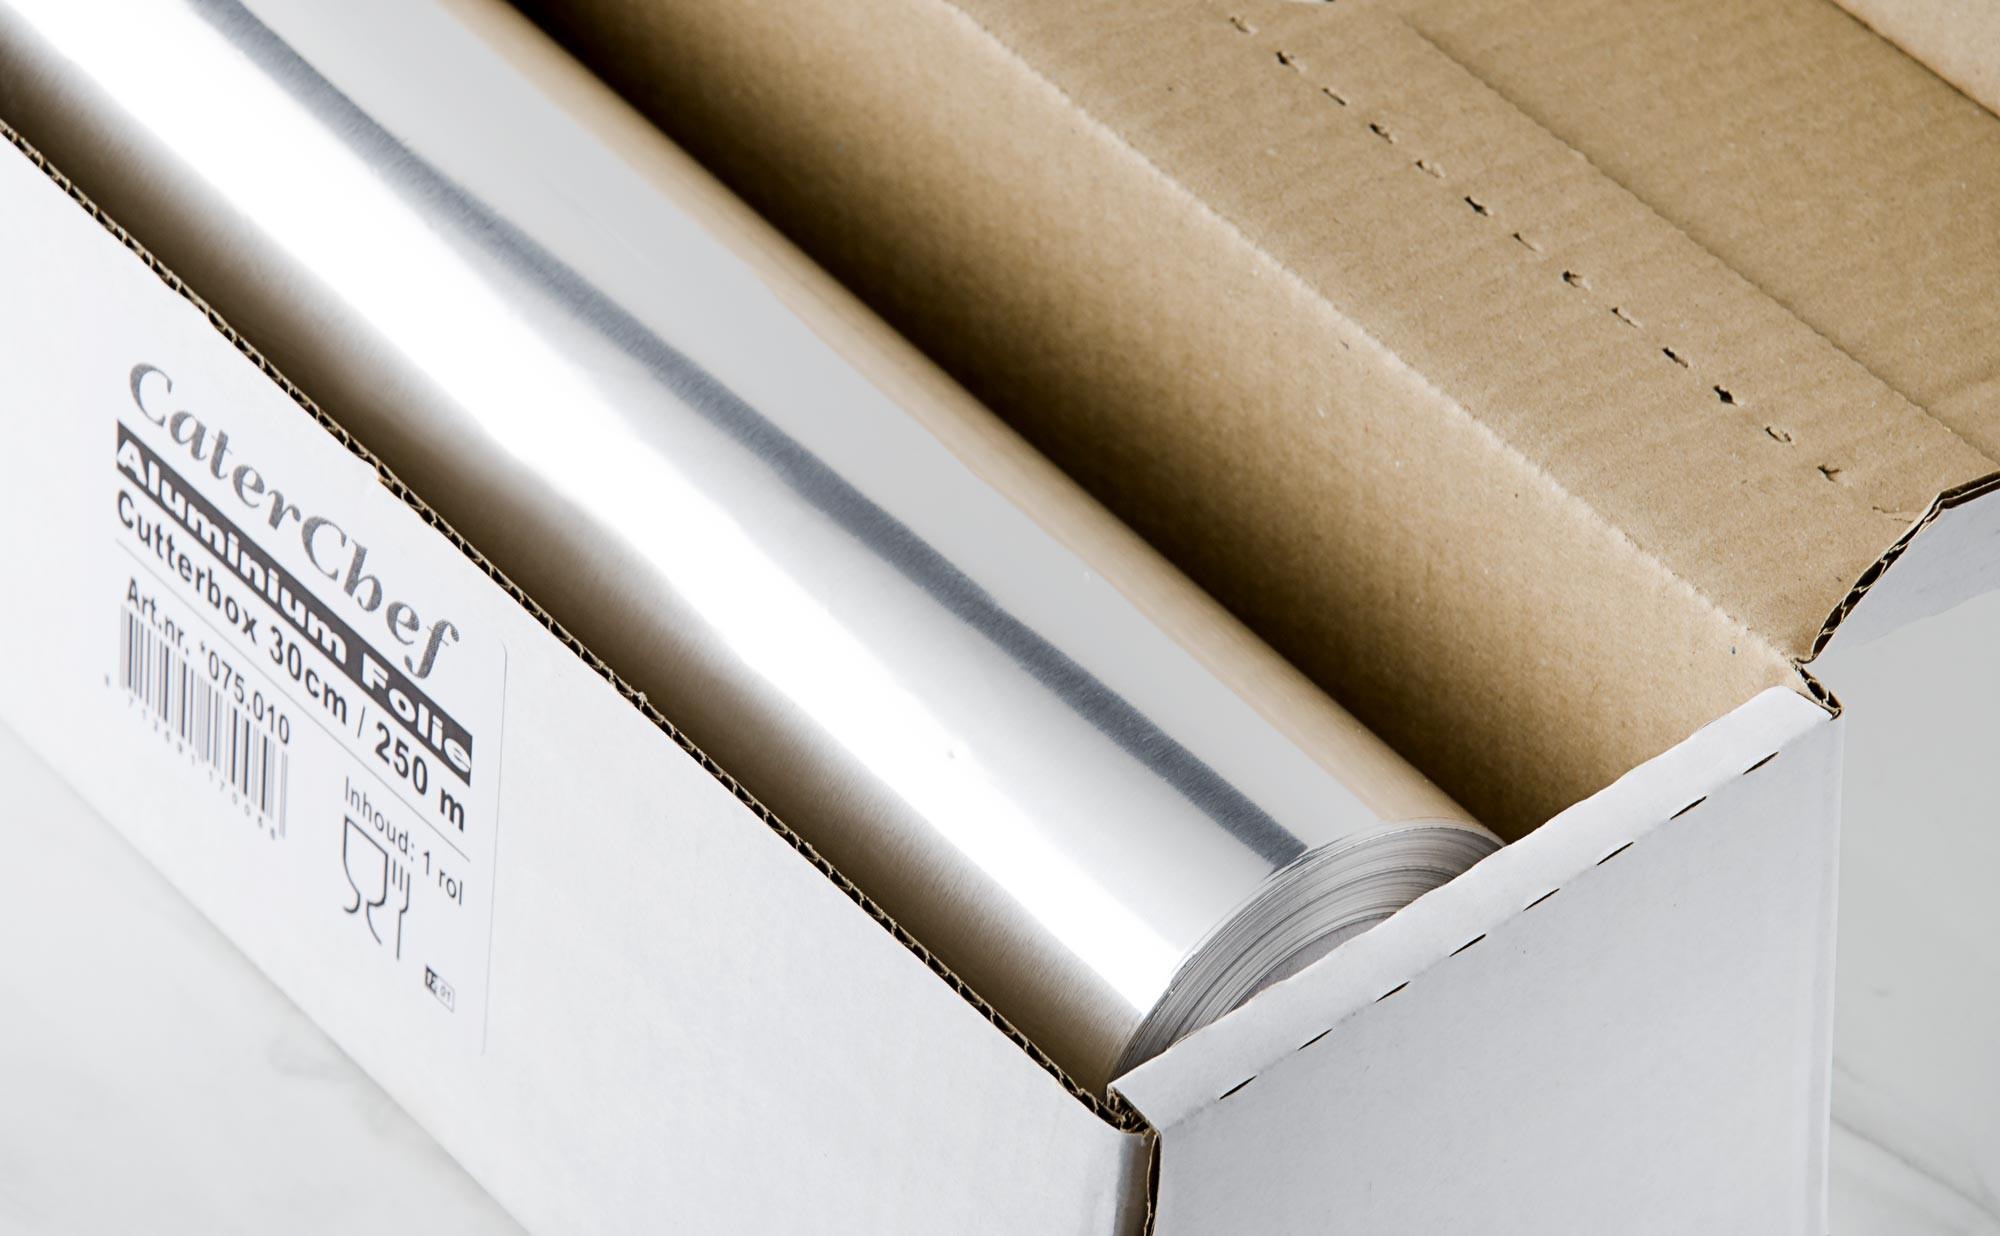 rouleau d'aluminium 30 cm de large - colichef